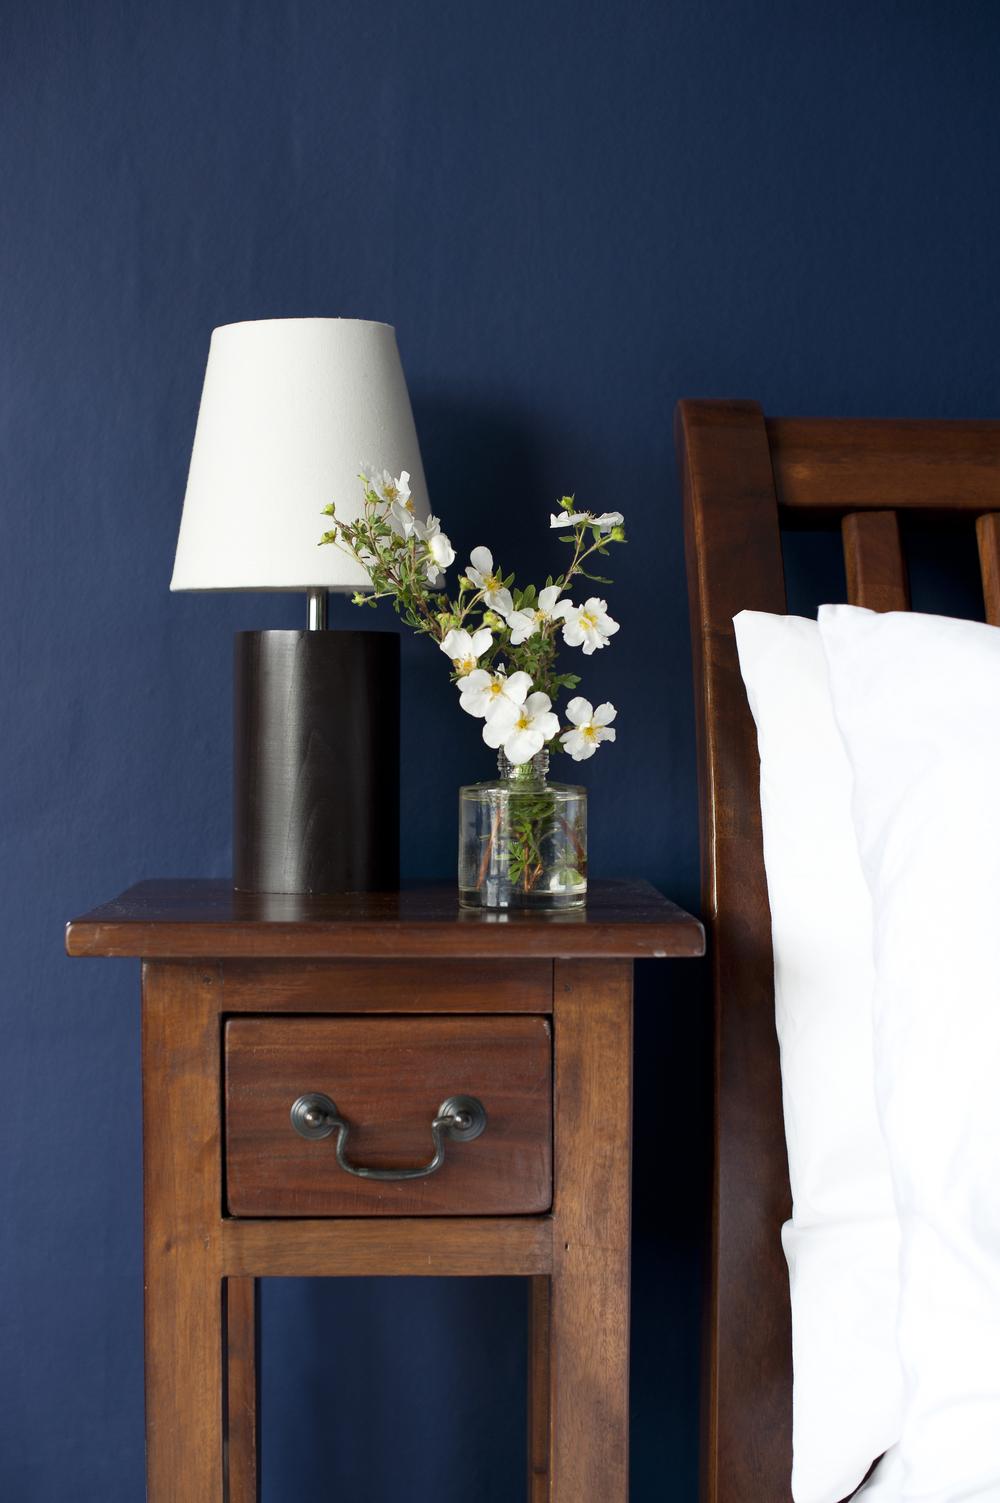 Tunbridge Wells Master Bedroom Design by Smartstyle Interiors – Beside Table.jpg